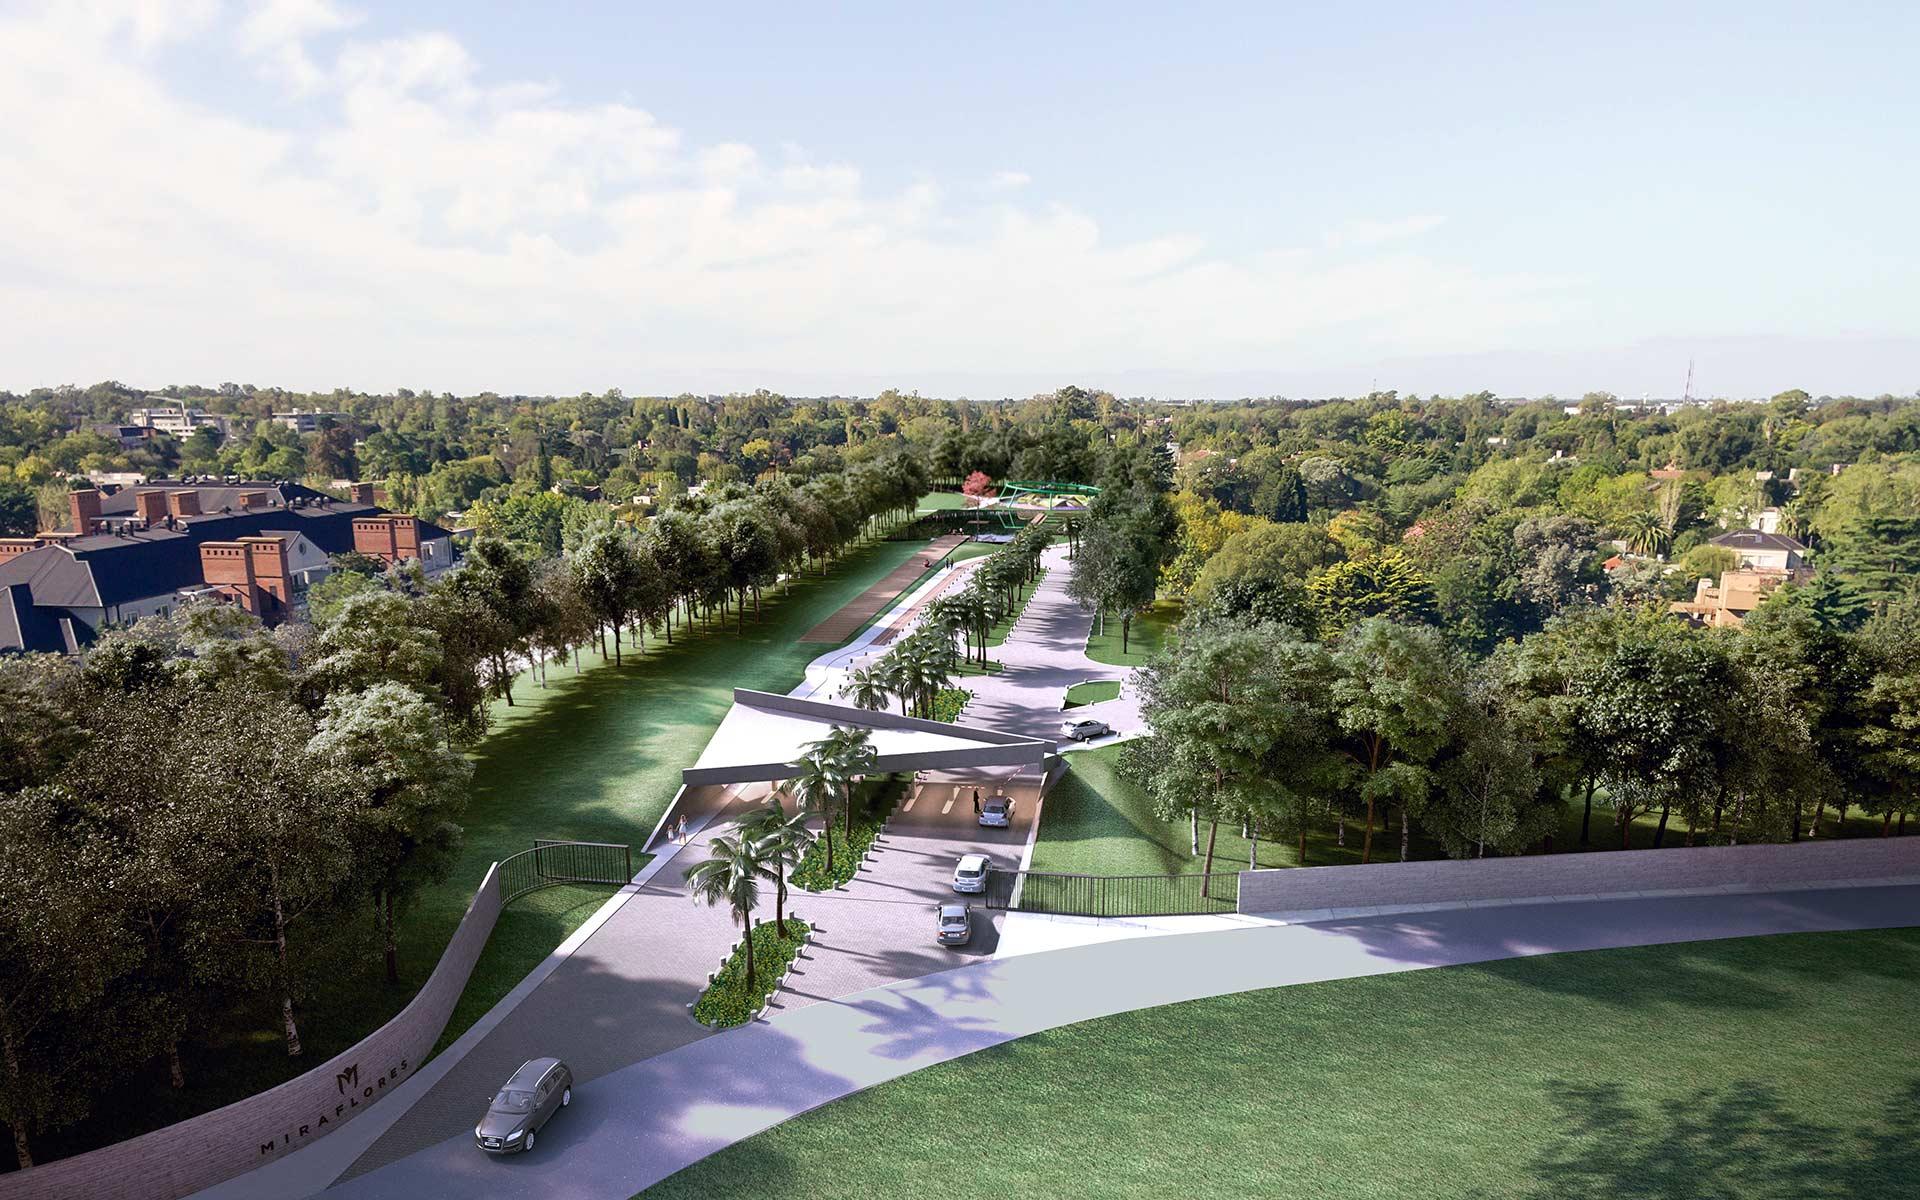 Arquitectura y Paisaje, Masterplan Miraflores vista aerea portico y boulevard de acceso